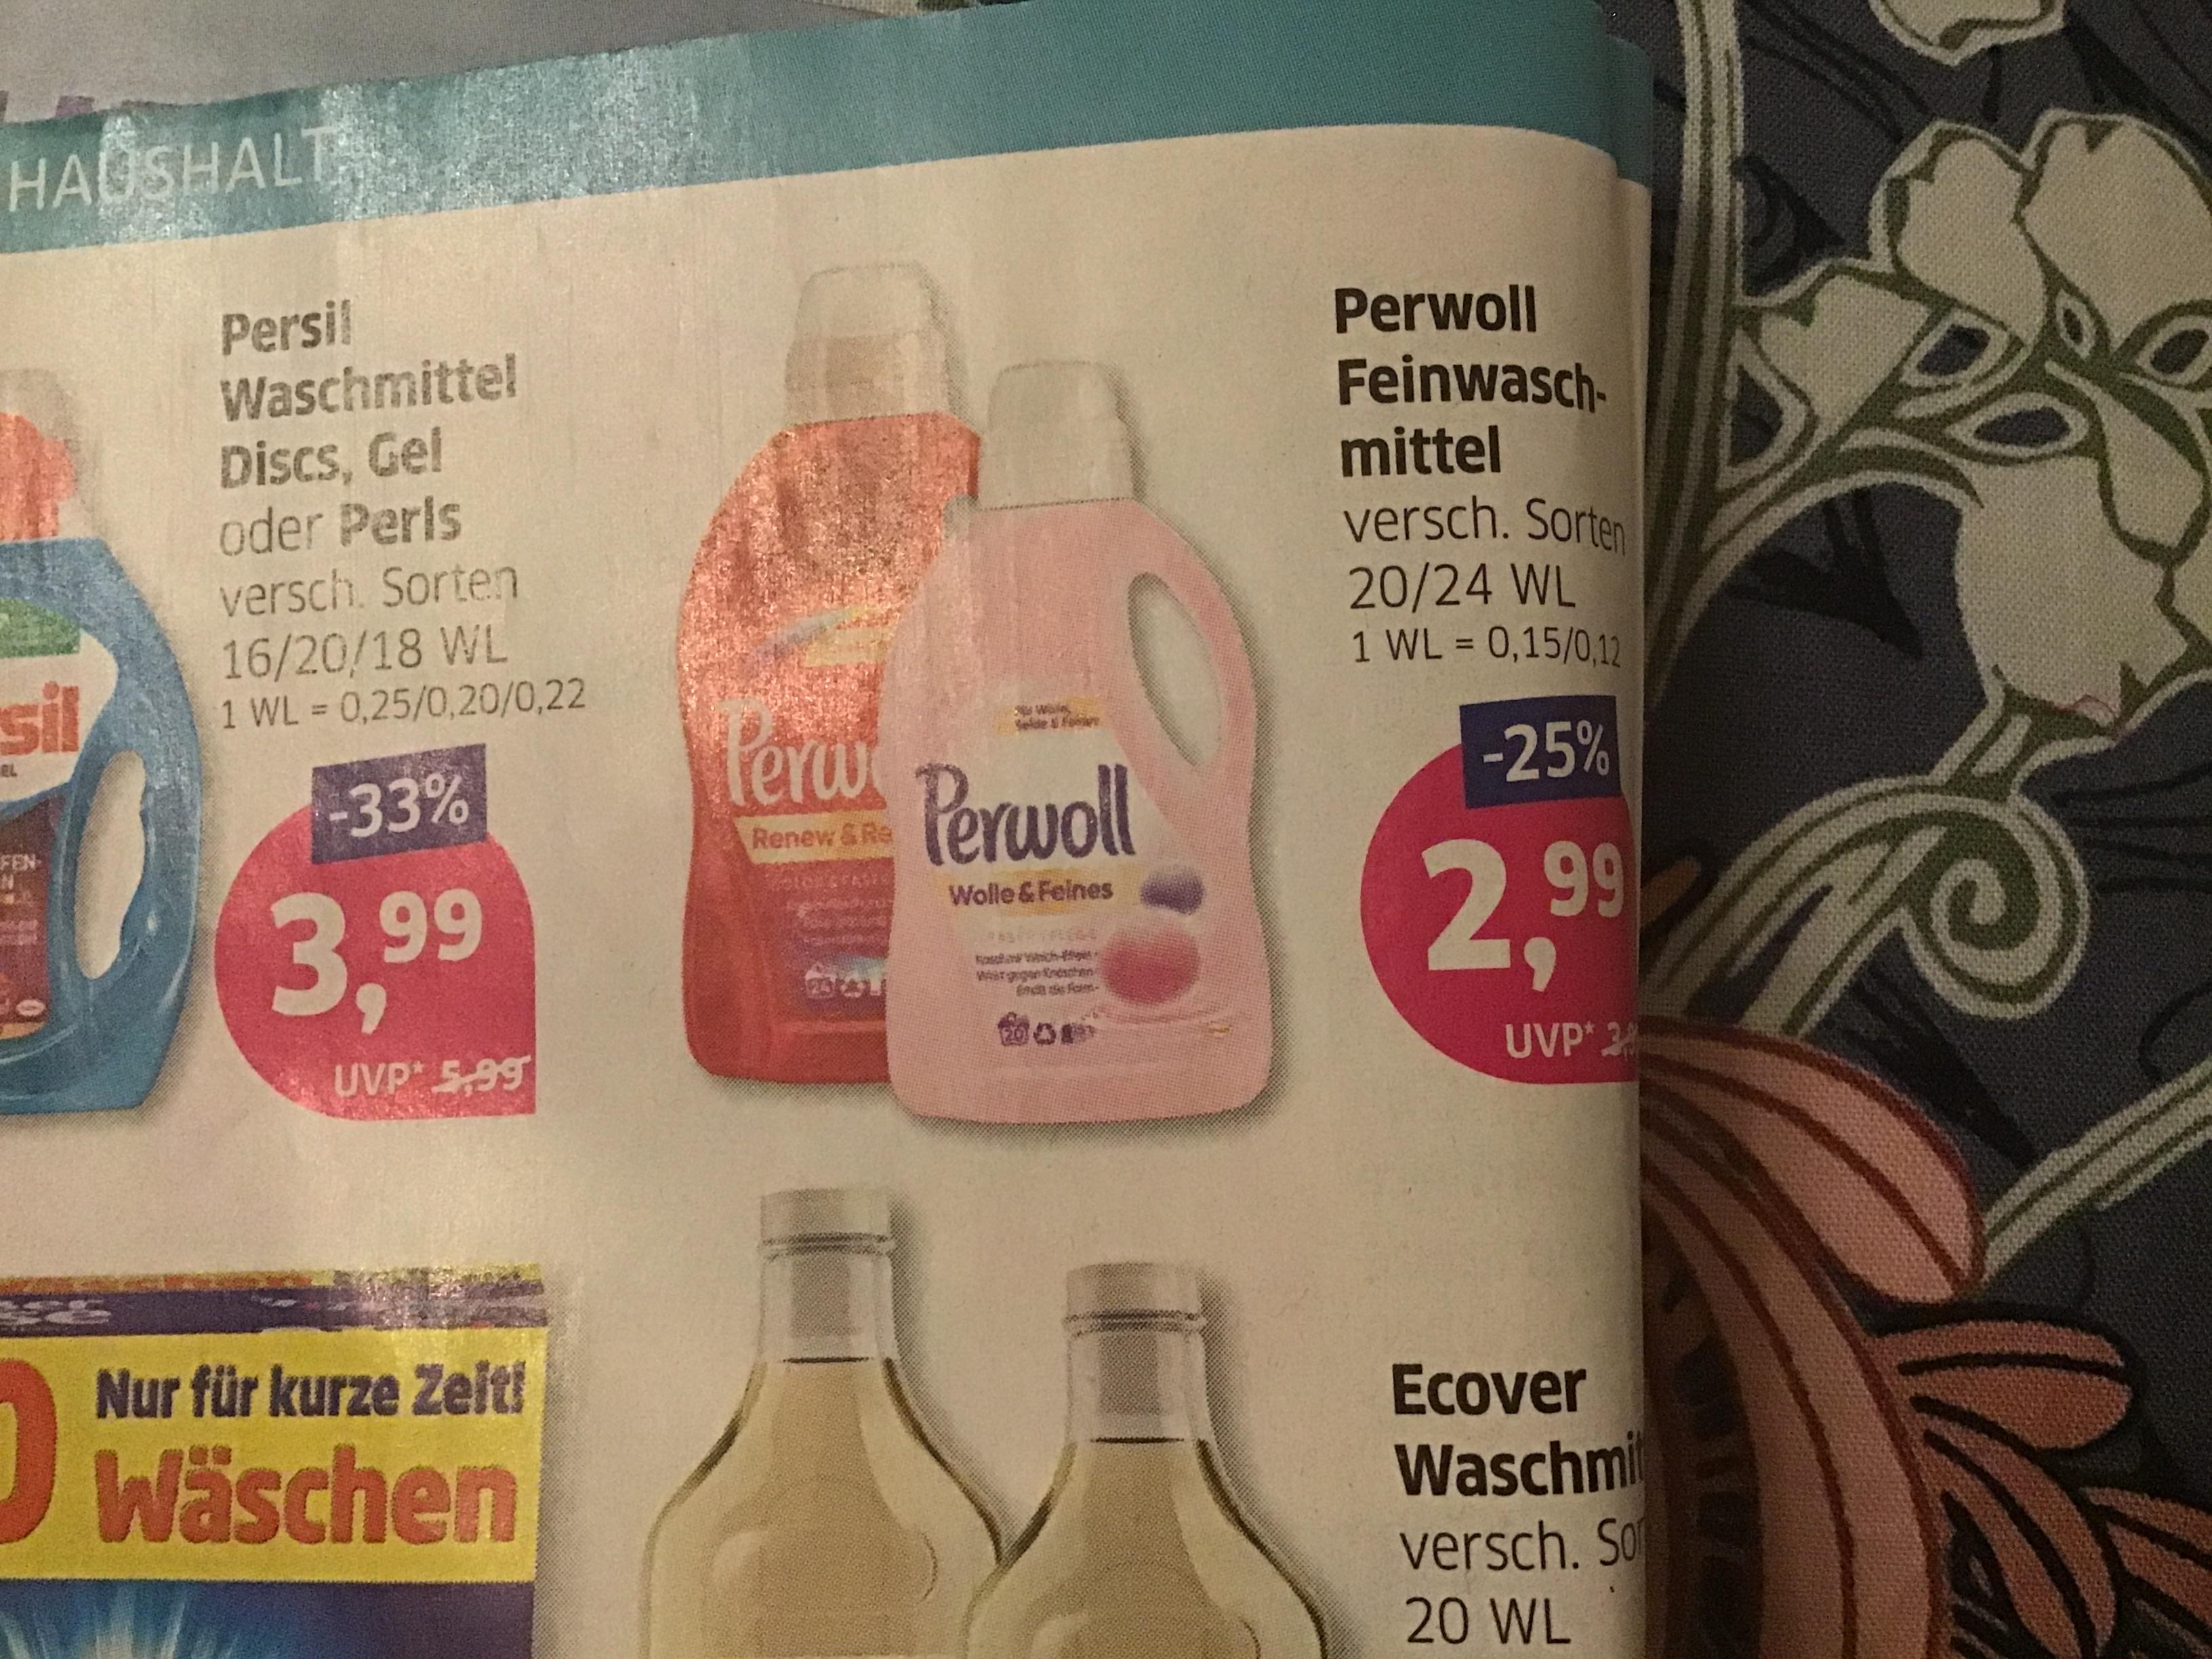 [Budni+Offline] Perwoll Feinwaschmittel 20/24 WL über 1 € günstiger